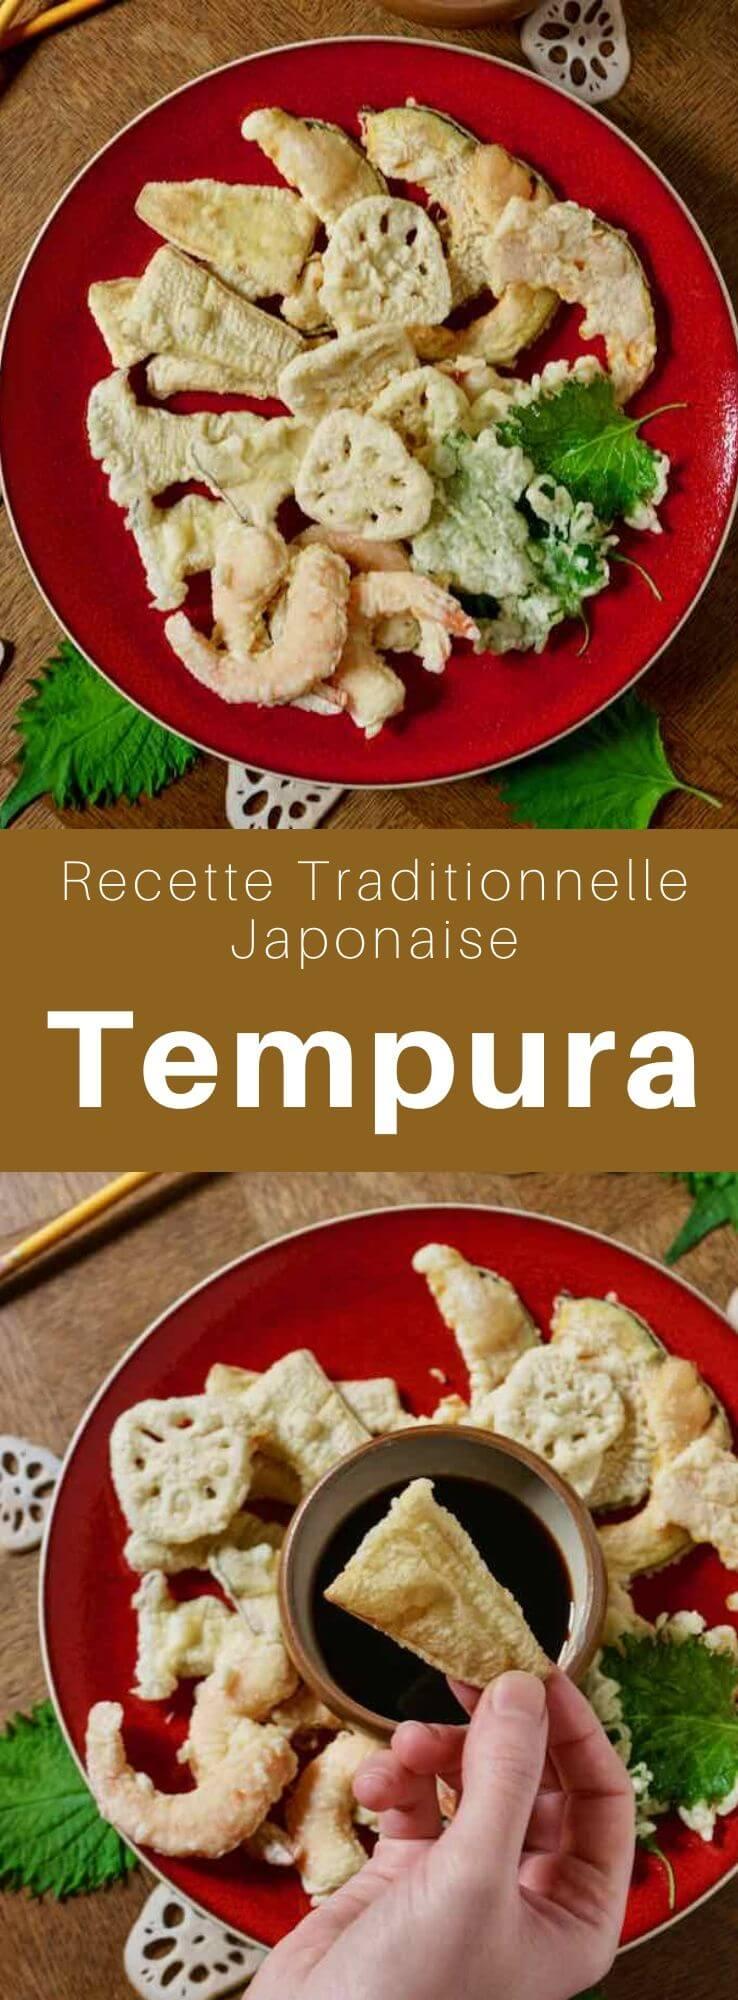 Le tempura (天ぷら ) est un assortiment de beignets de crevettes et de légumes frits délicieusement croustillants, très populaire au Japon. #Japon #CuisineJaponaise #RecetteJaponaise #CuisineDuMonde #196flavors